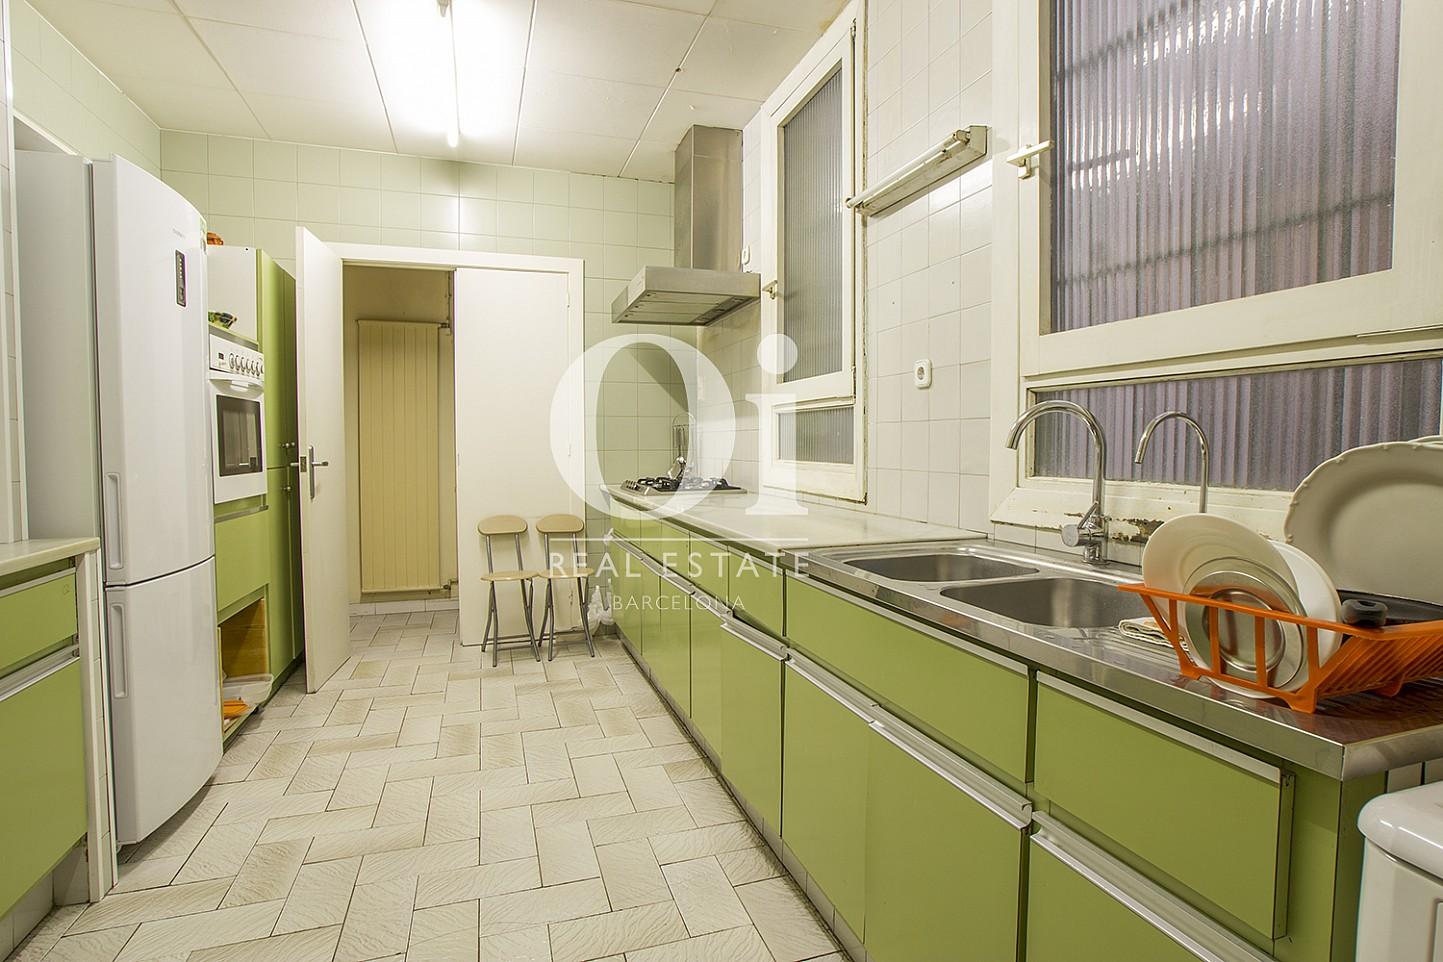 Cocina de piso en venta en Rambla Catalunya, Eixample Derecho, Barcelona